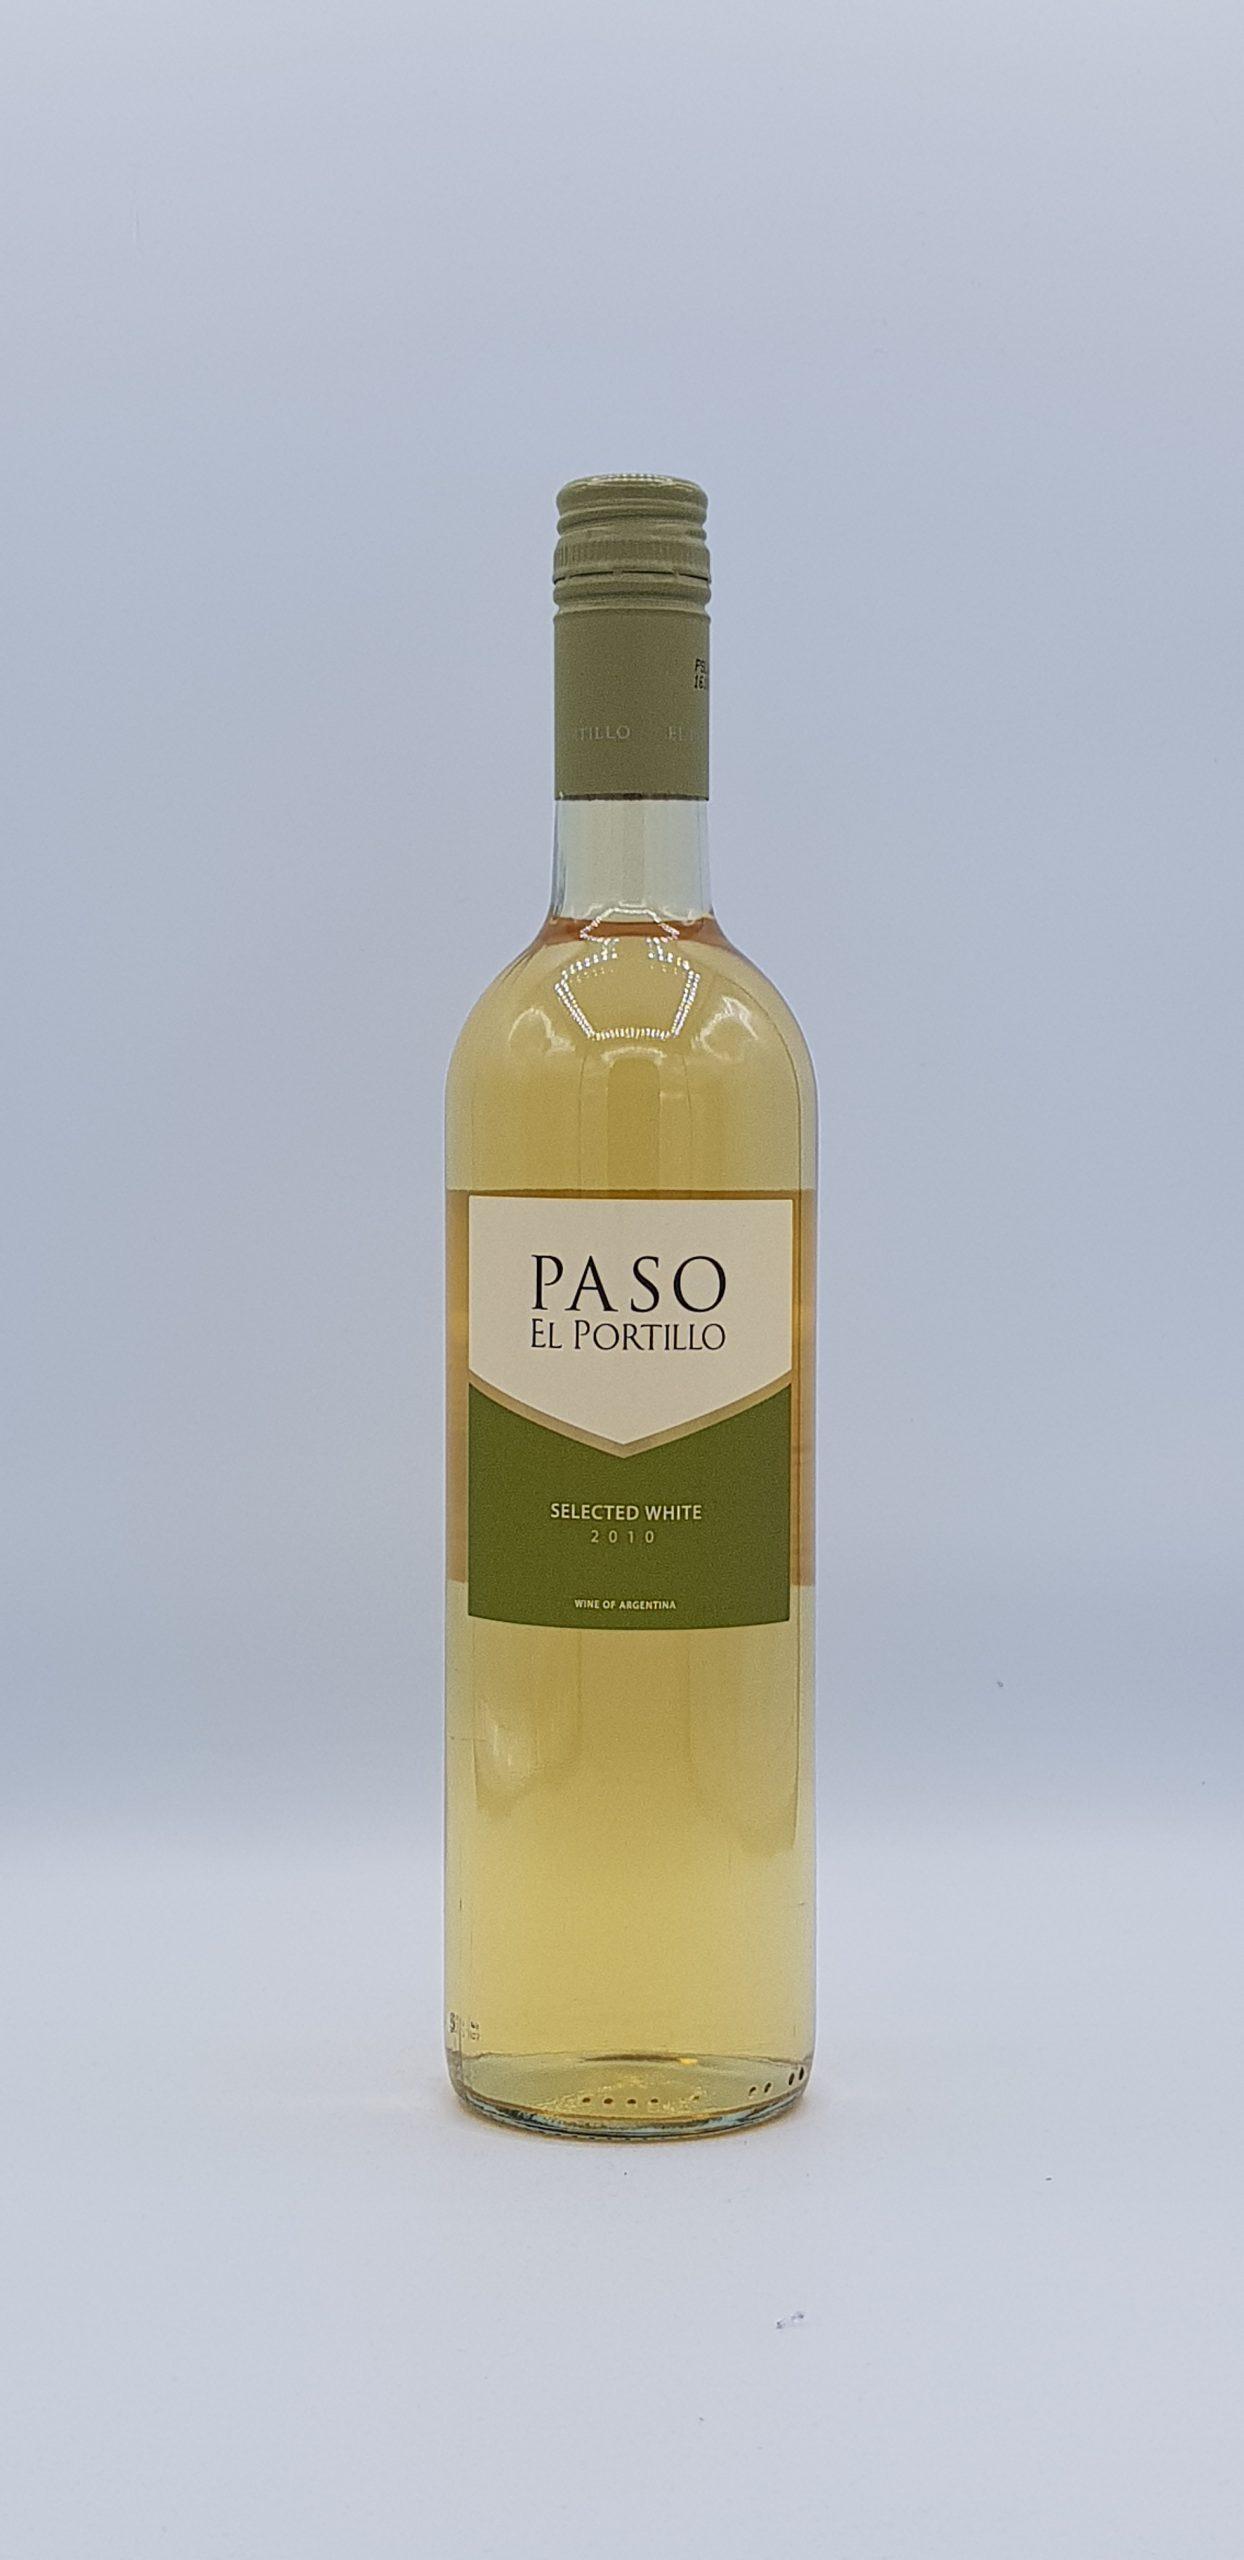 Paso El Portillo 2010 White Selection